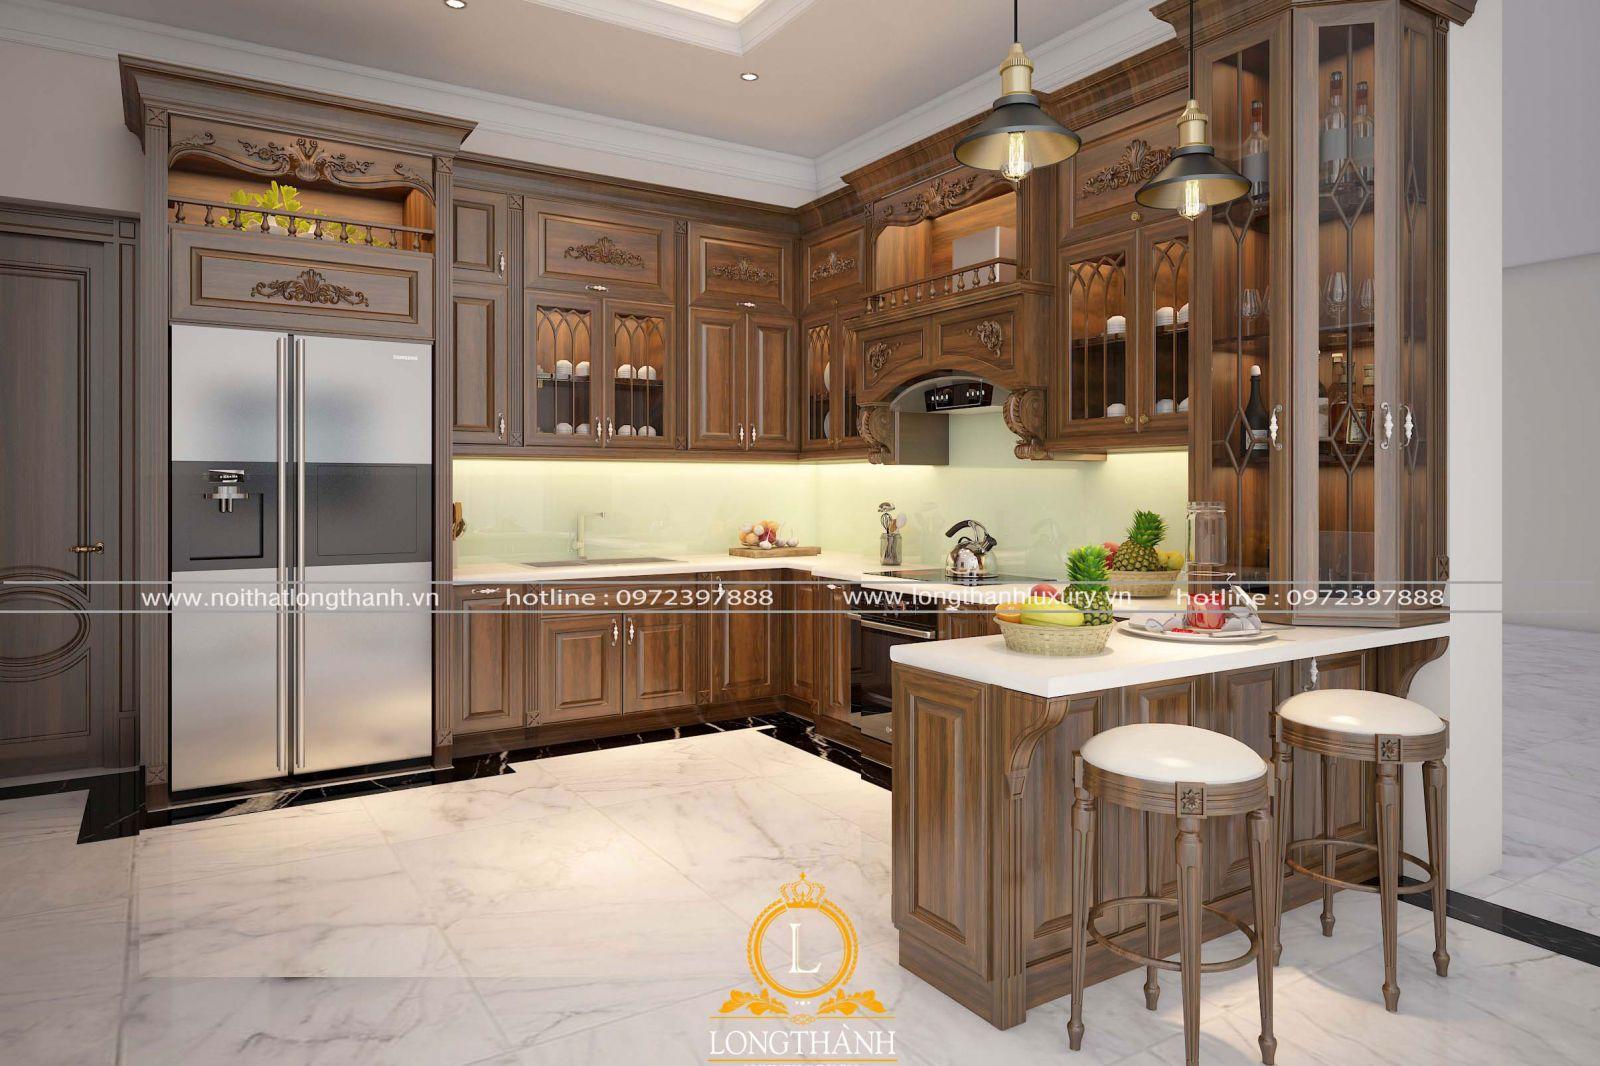 Nội thất tủ bếp tân cổ điển gỗ gõ đỏ